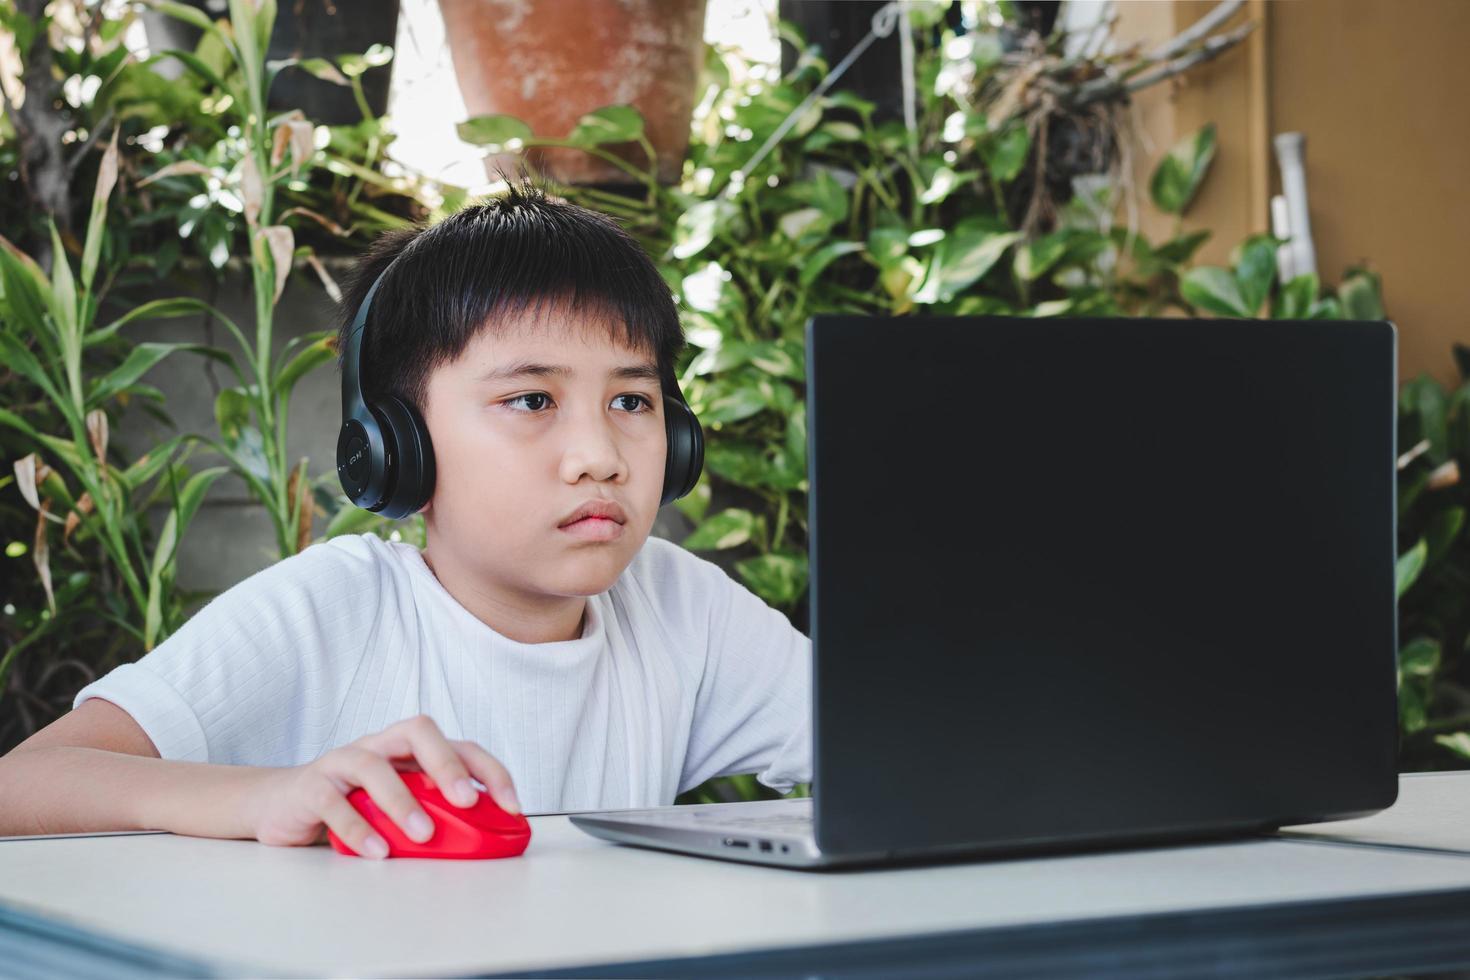 niño asiático usa auriculares inalámbricos y usa una computadora portátil para estudiar en línea foto